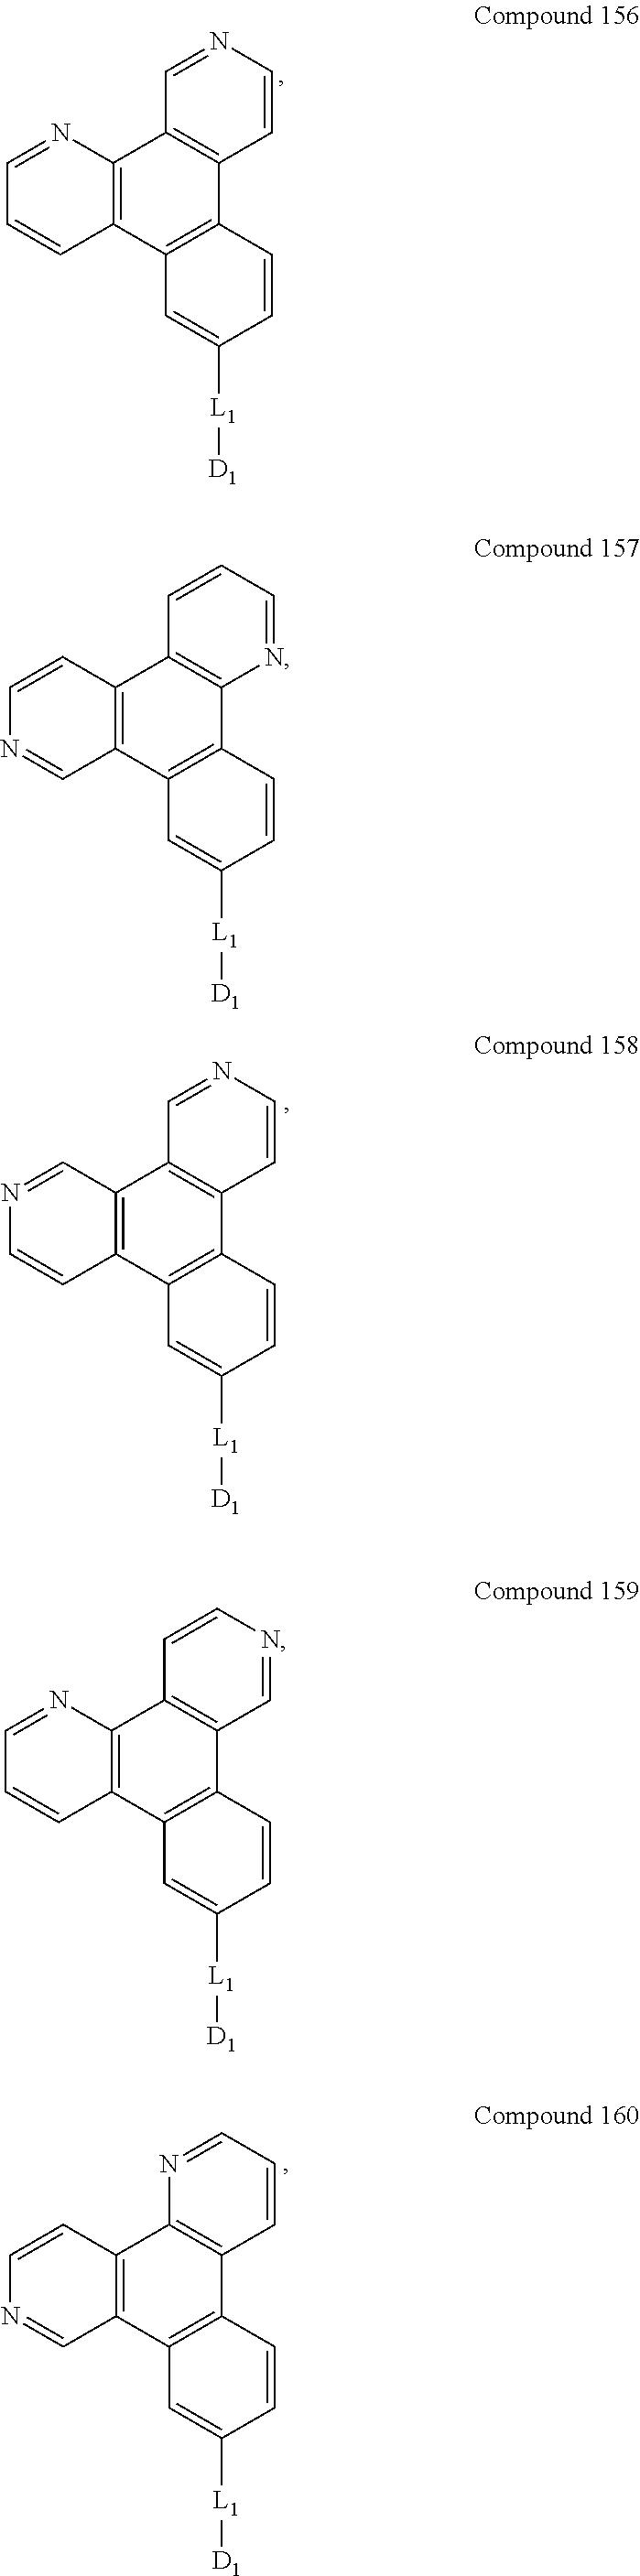 Figure US09537106-20170103-C00518